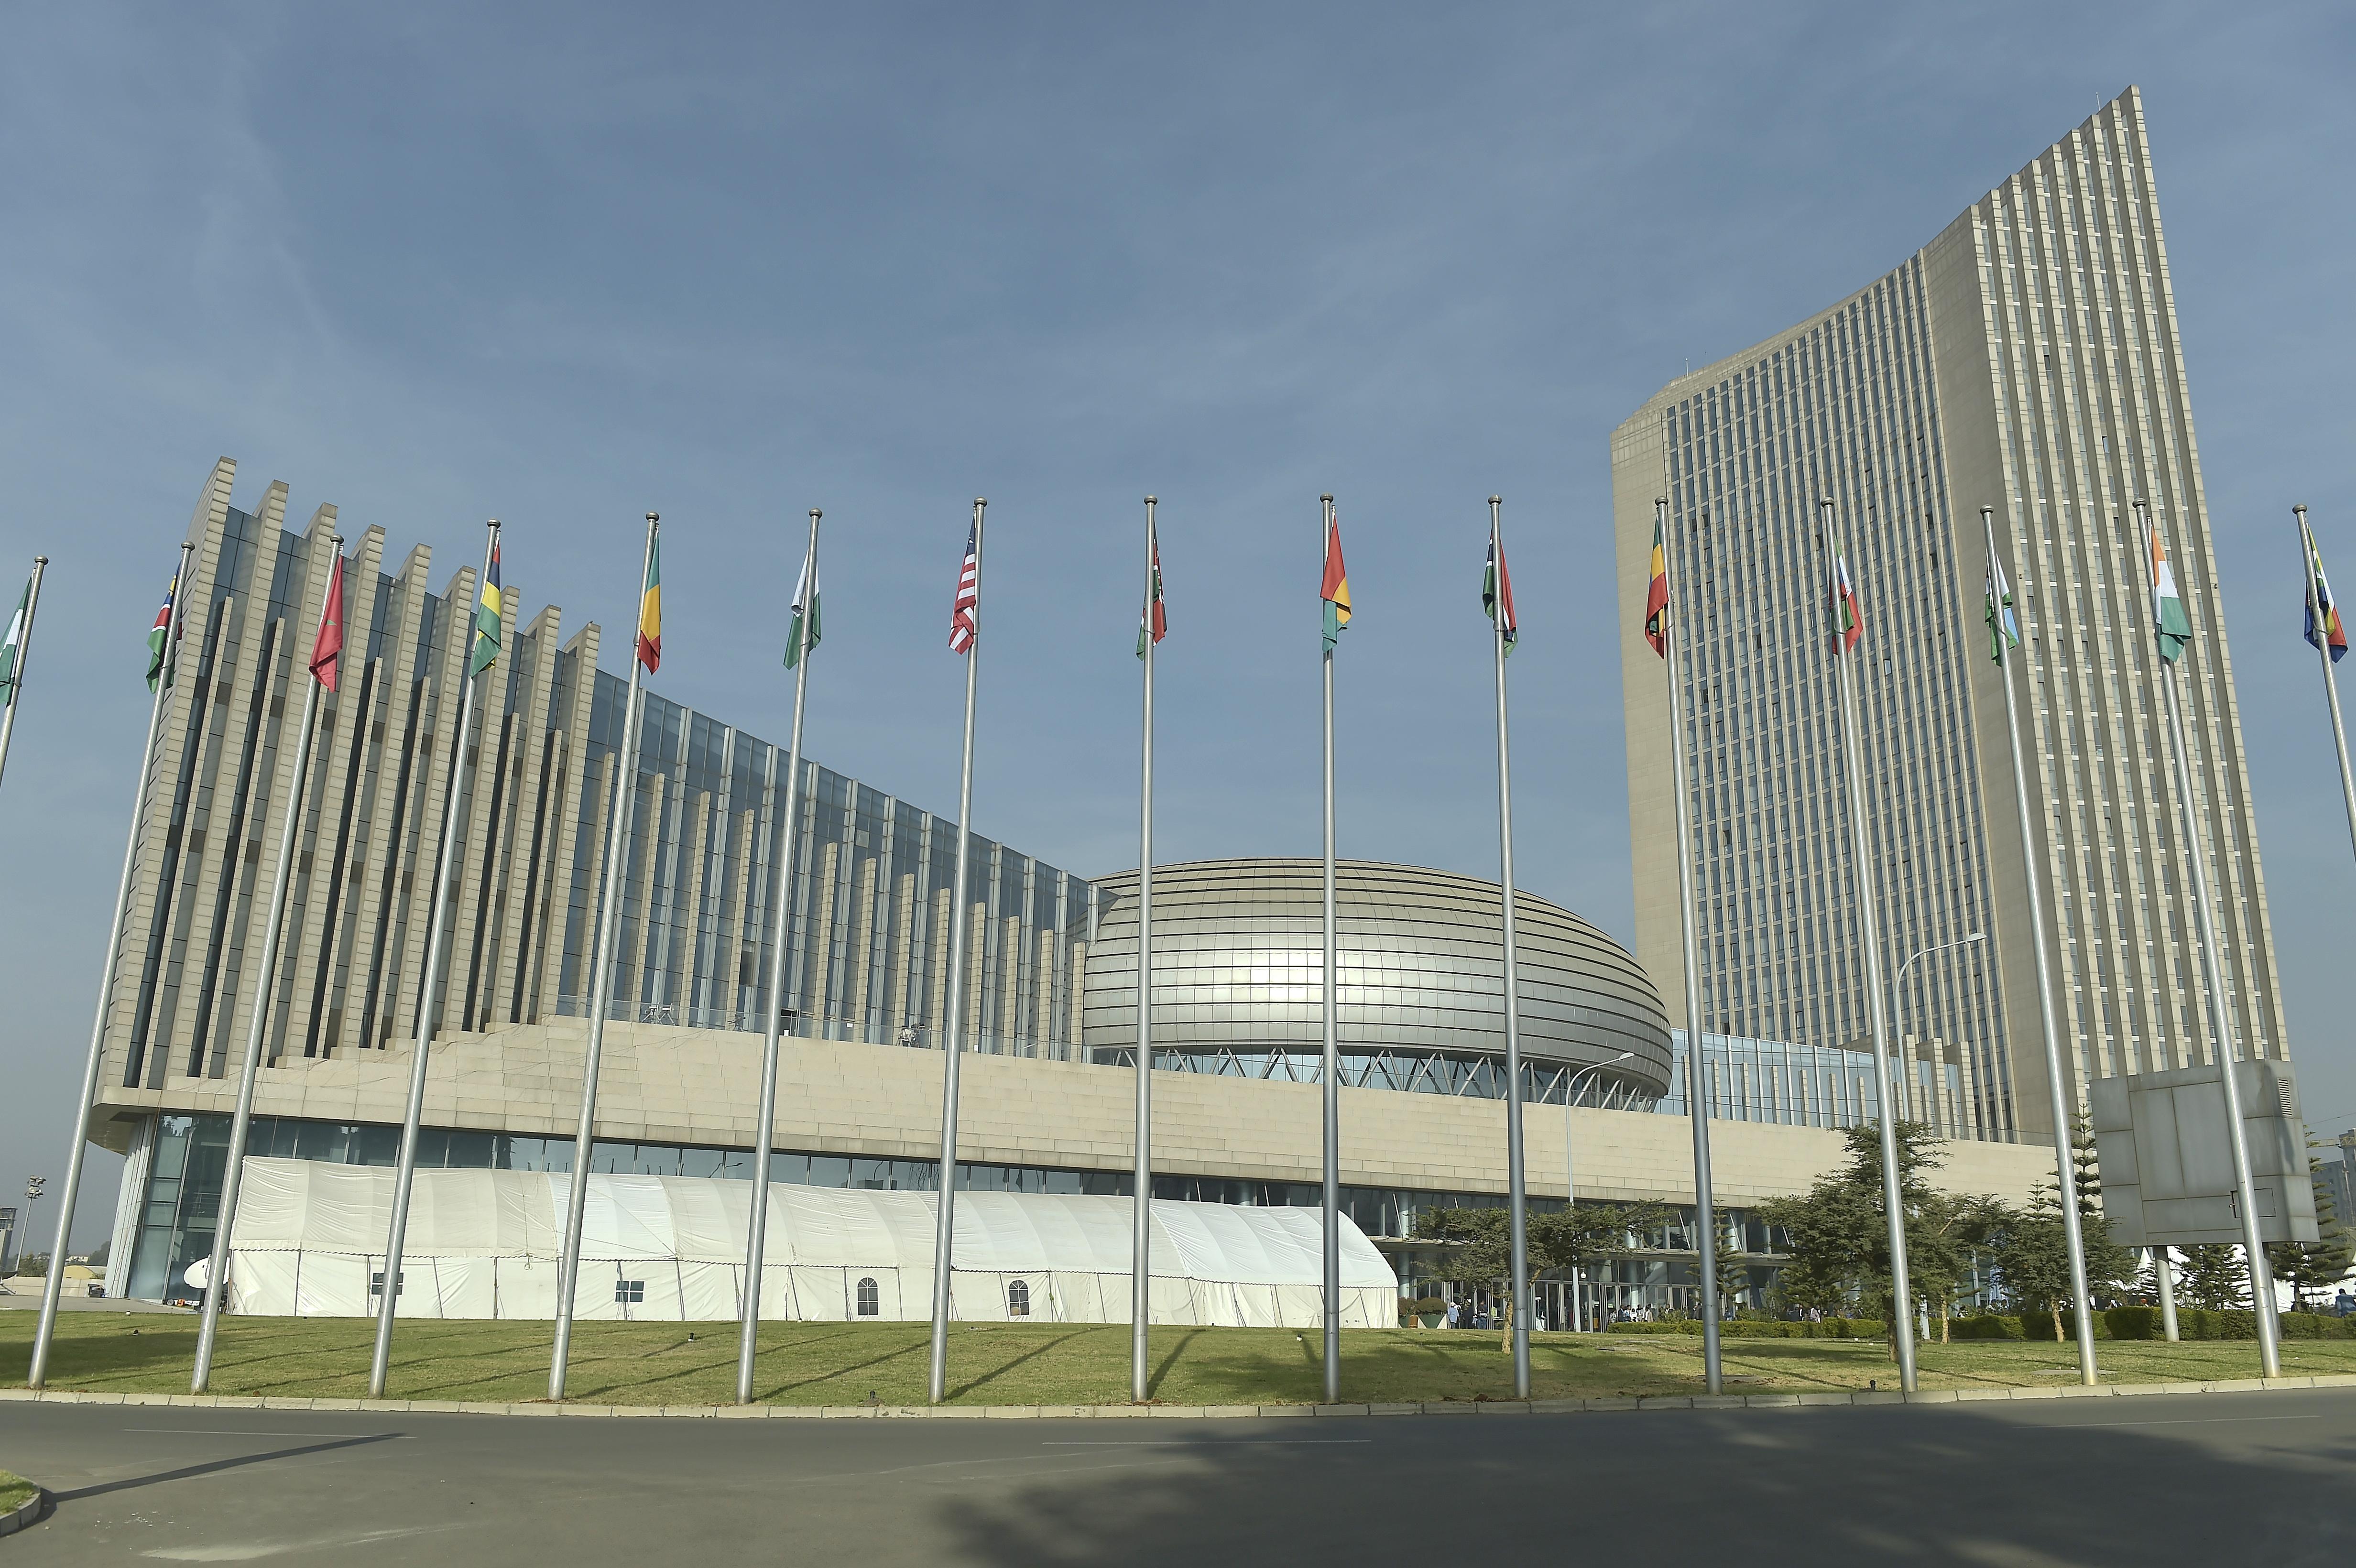 Kína adott ajándékba egy székházat az Afrikai Uniónak, majd éveken át minden adatot kilophatott onnan